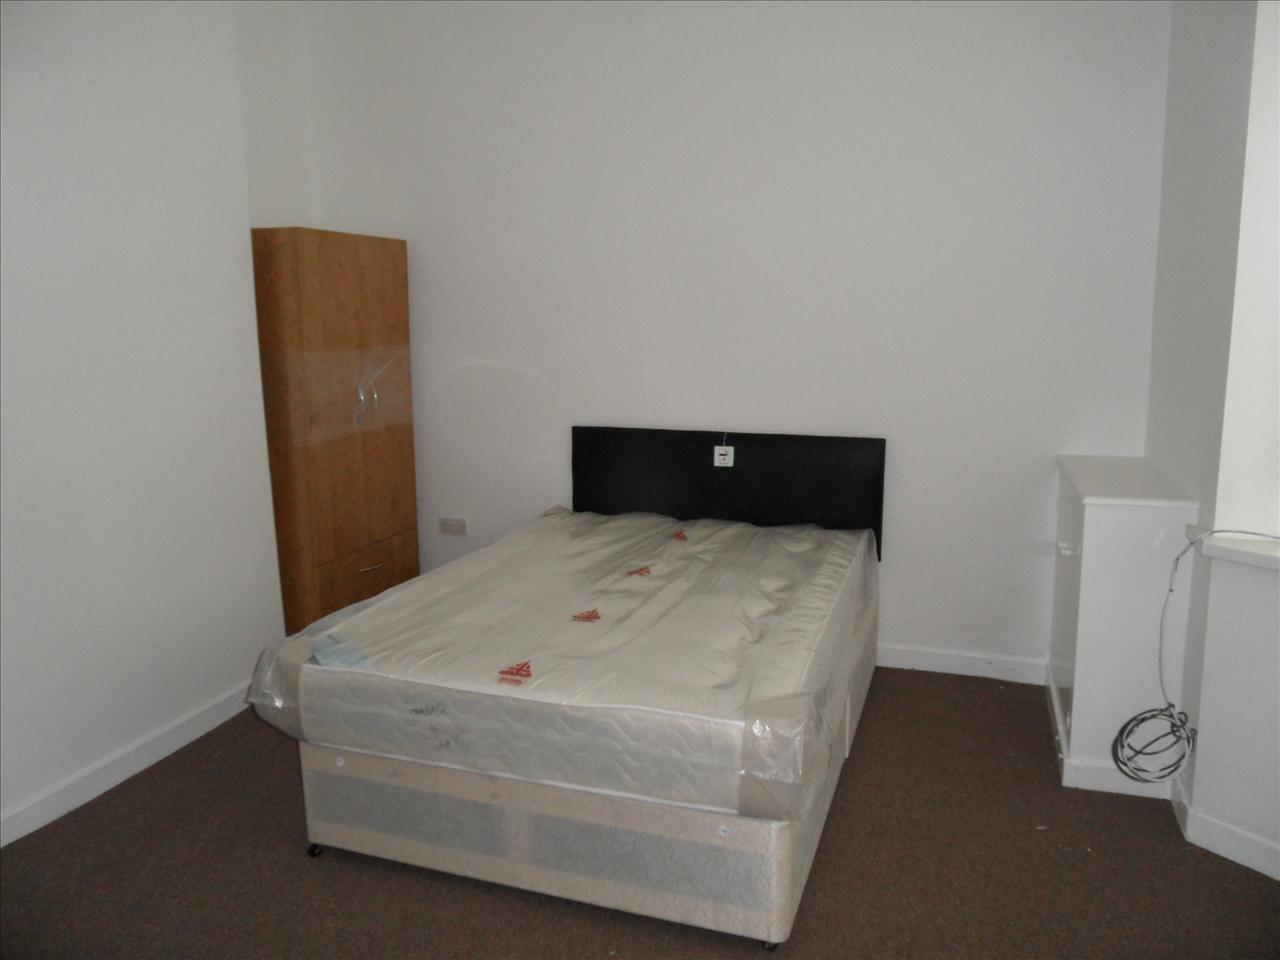 1 Bedroom Flat To Rent Sorley Street Sunderland Sr Sr4 7dp